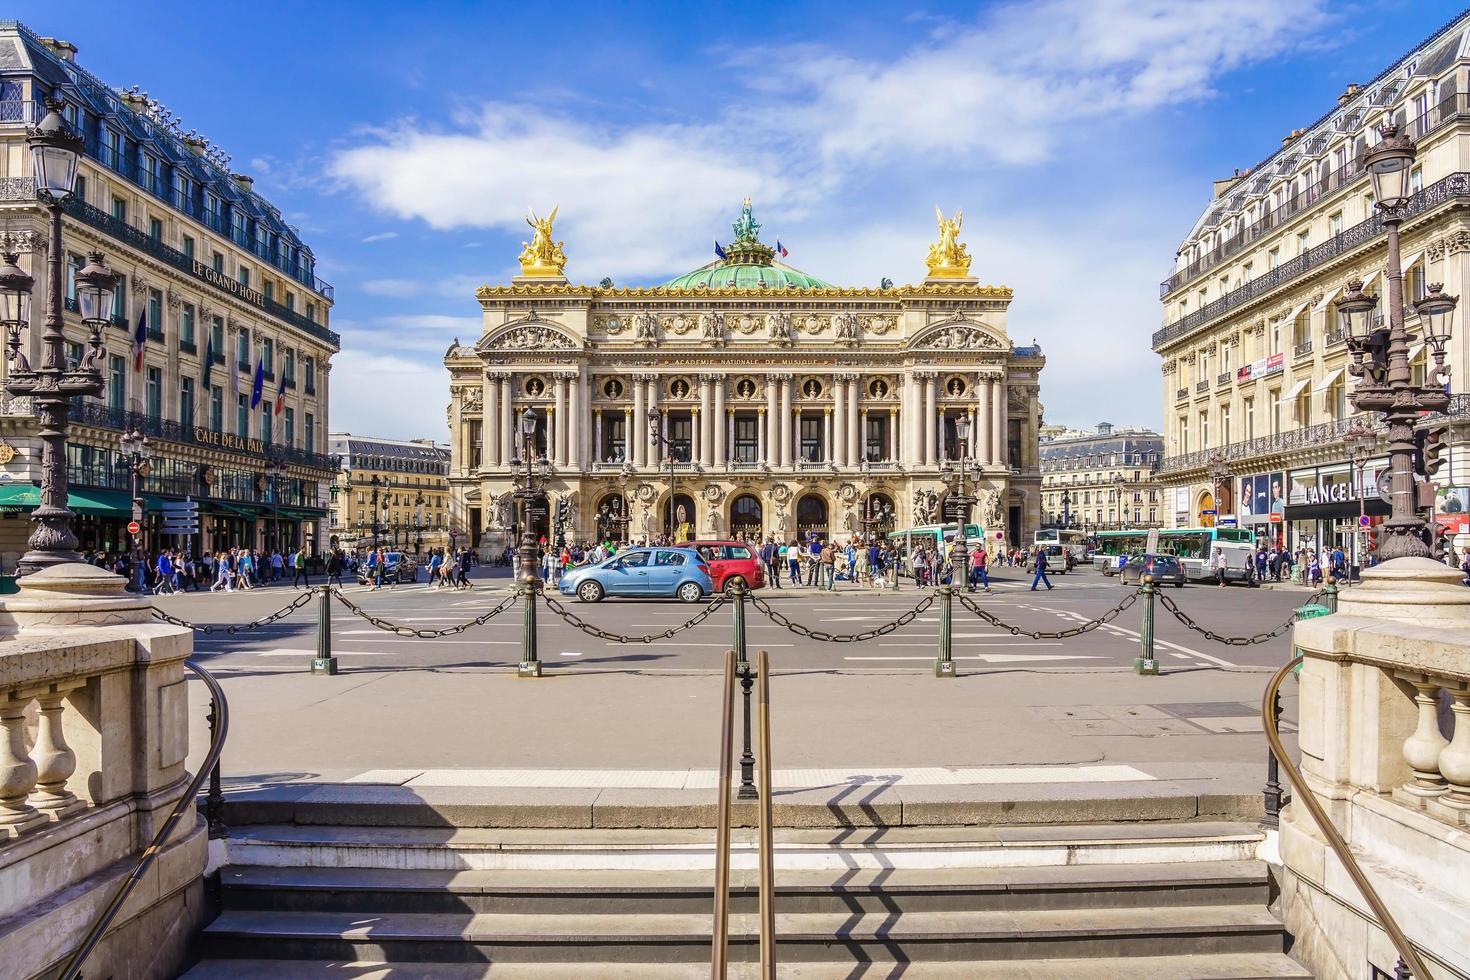 opera garnier e accademia nazionale di musica di parigi, francia foto